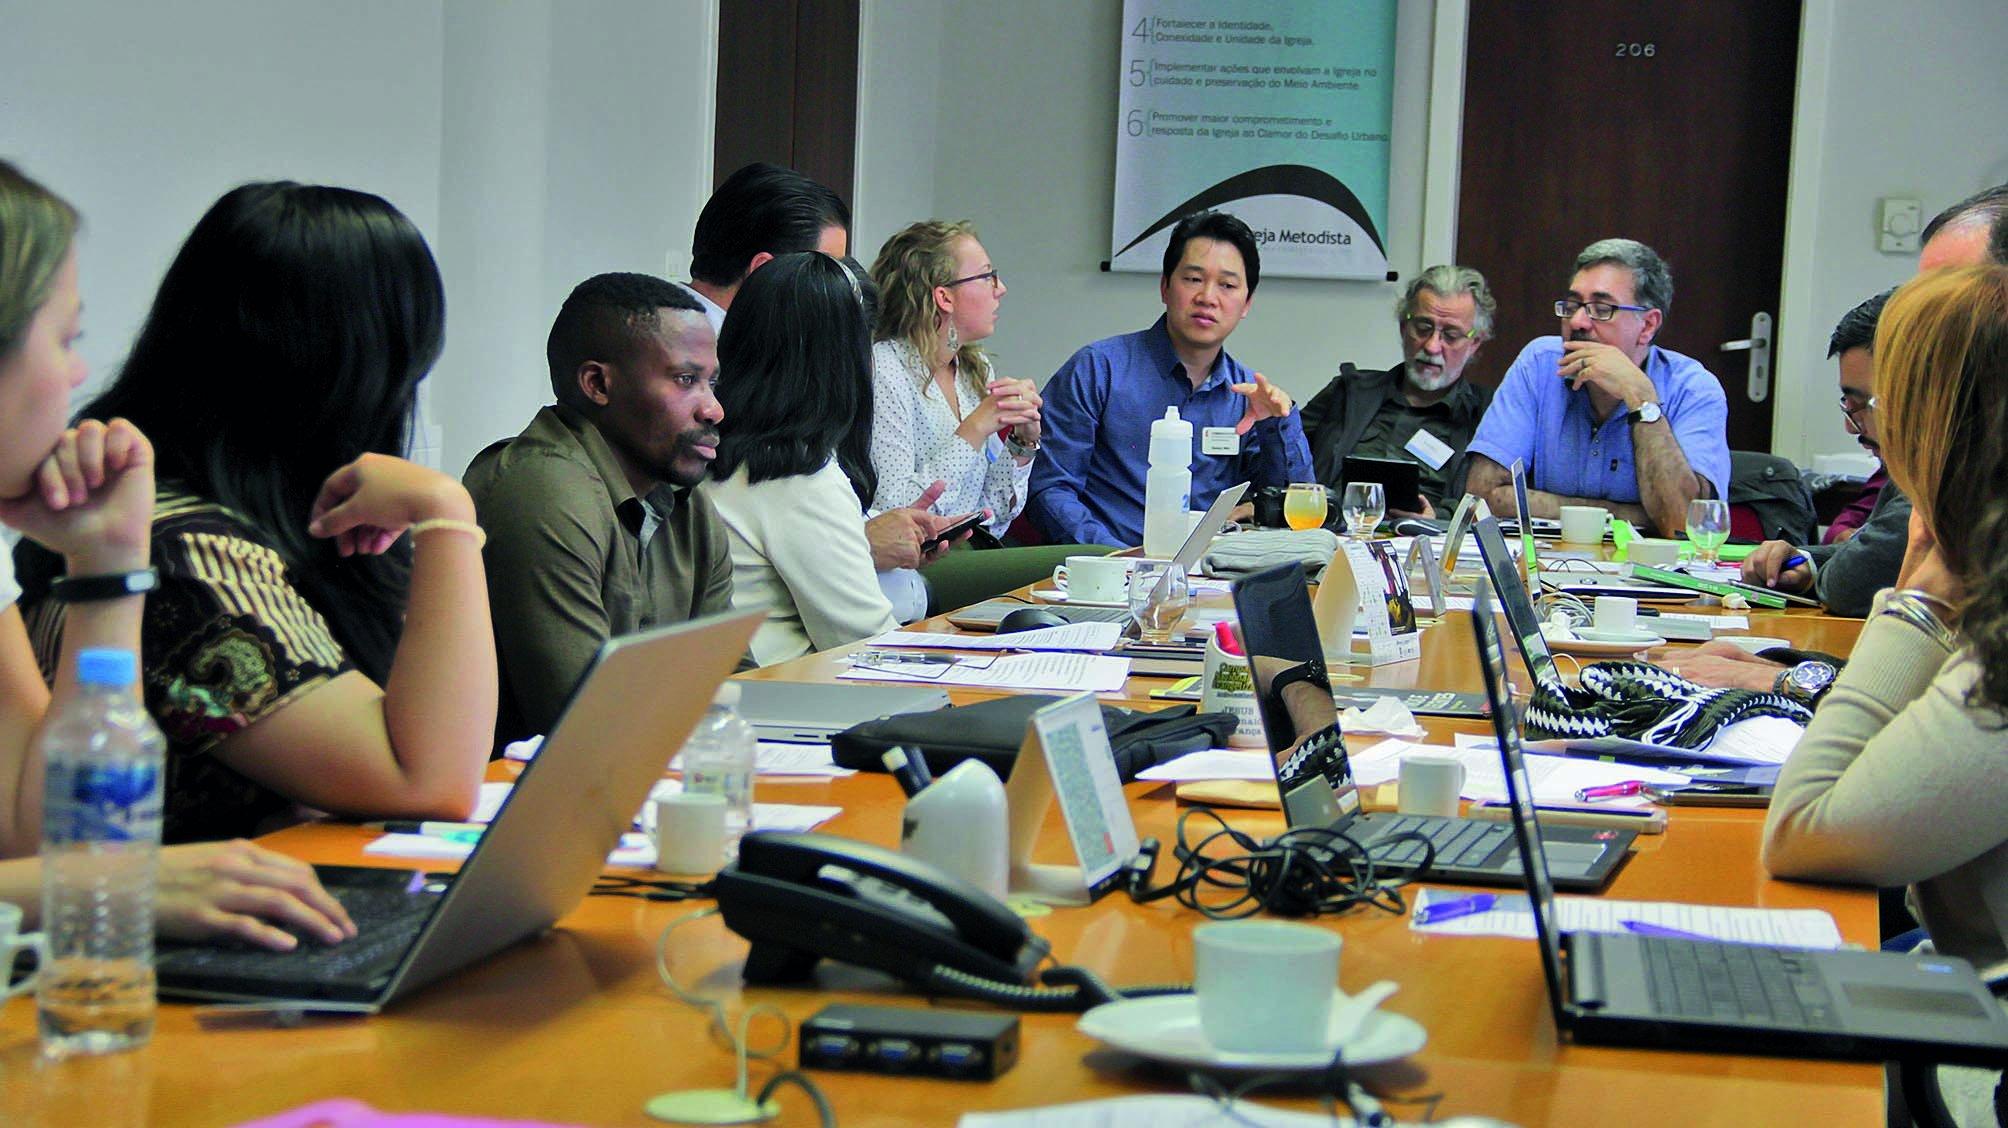 Consulta e Workshop entre comunicadores da América Latina e Caribe acontece em São Paulo